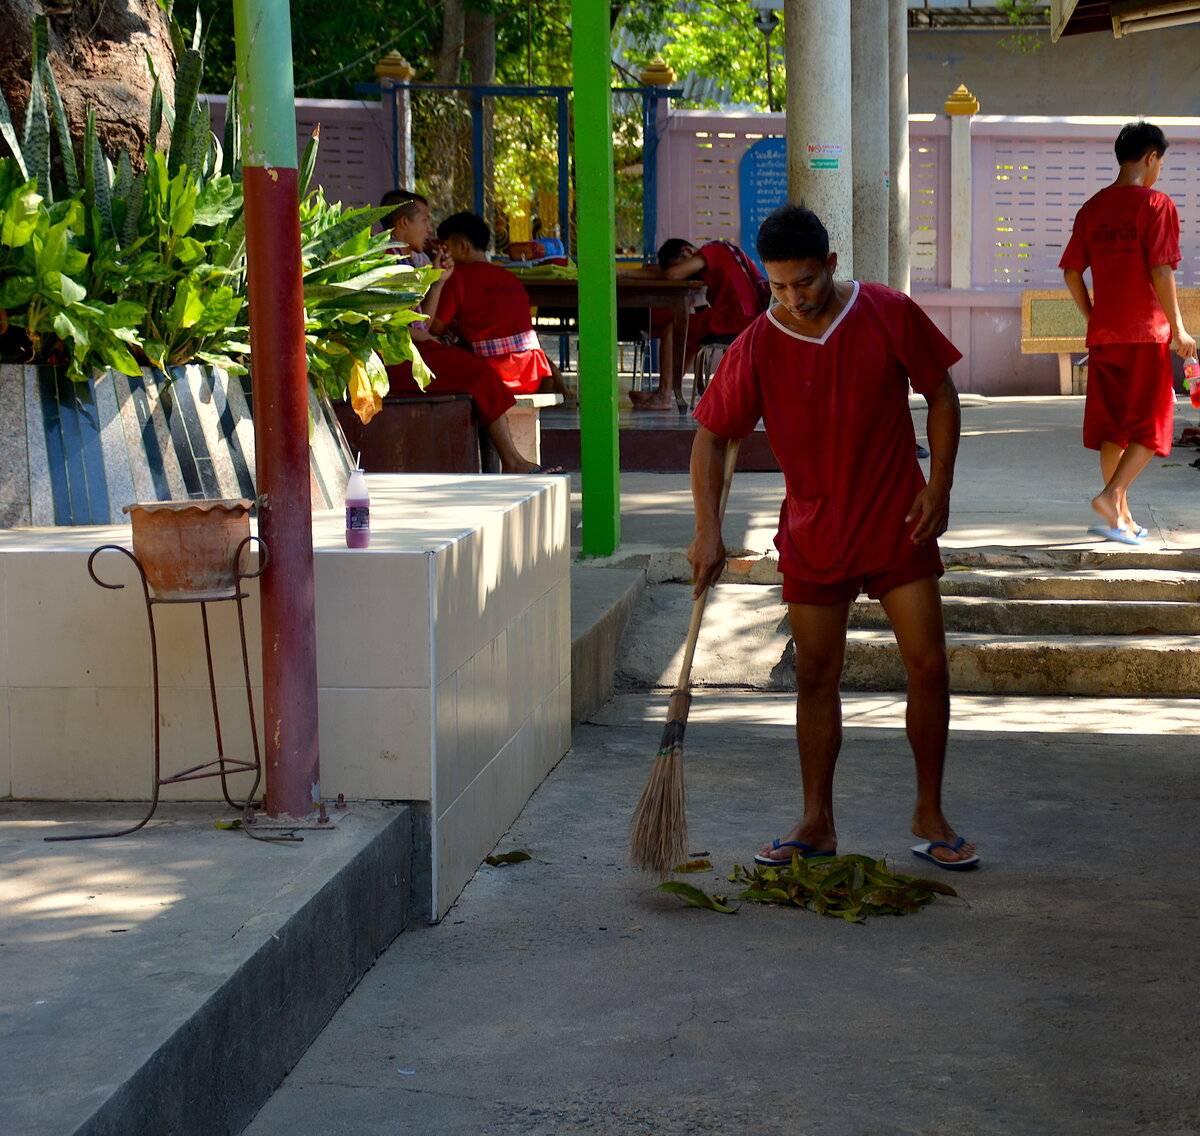 Реабилитационный центр sabai в таиланде - здесь лечатся знаменитости - нарко инфо